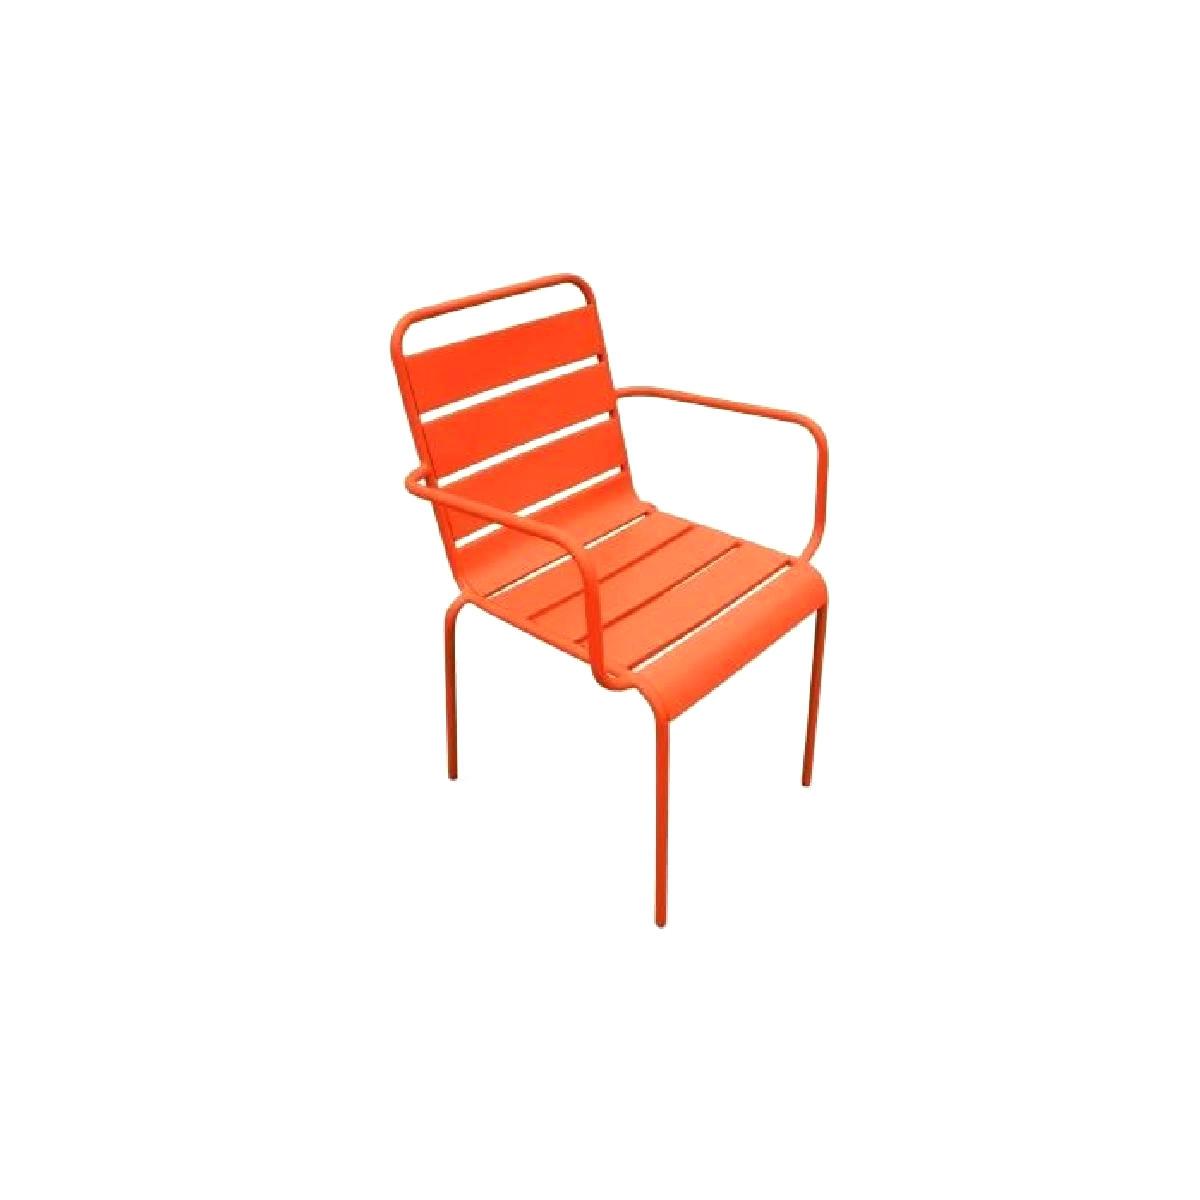 Rocking Chair Exterieur Ikea Frais Photos 44 Impressionnant Portraits De Coussins D Extérieur Jardin